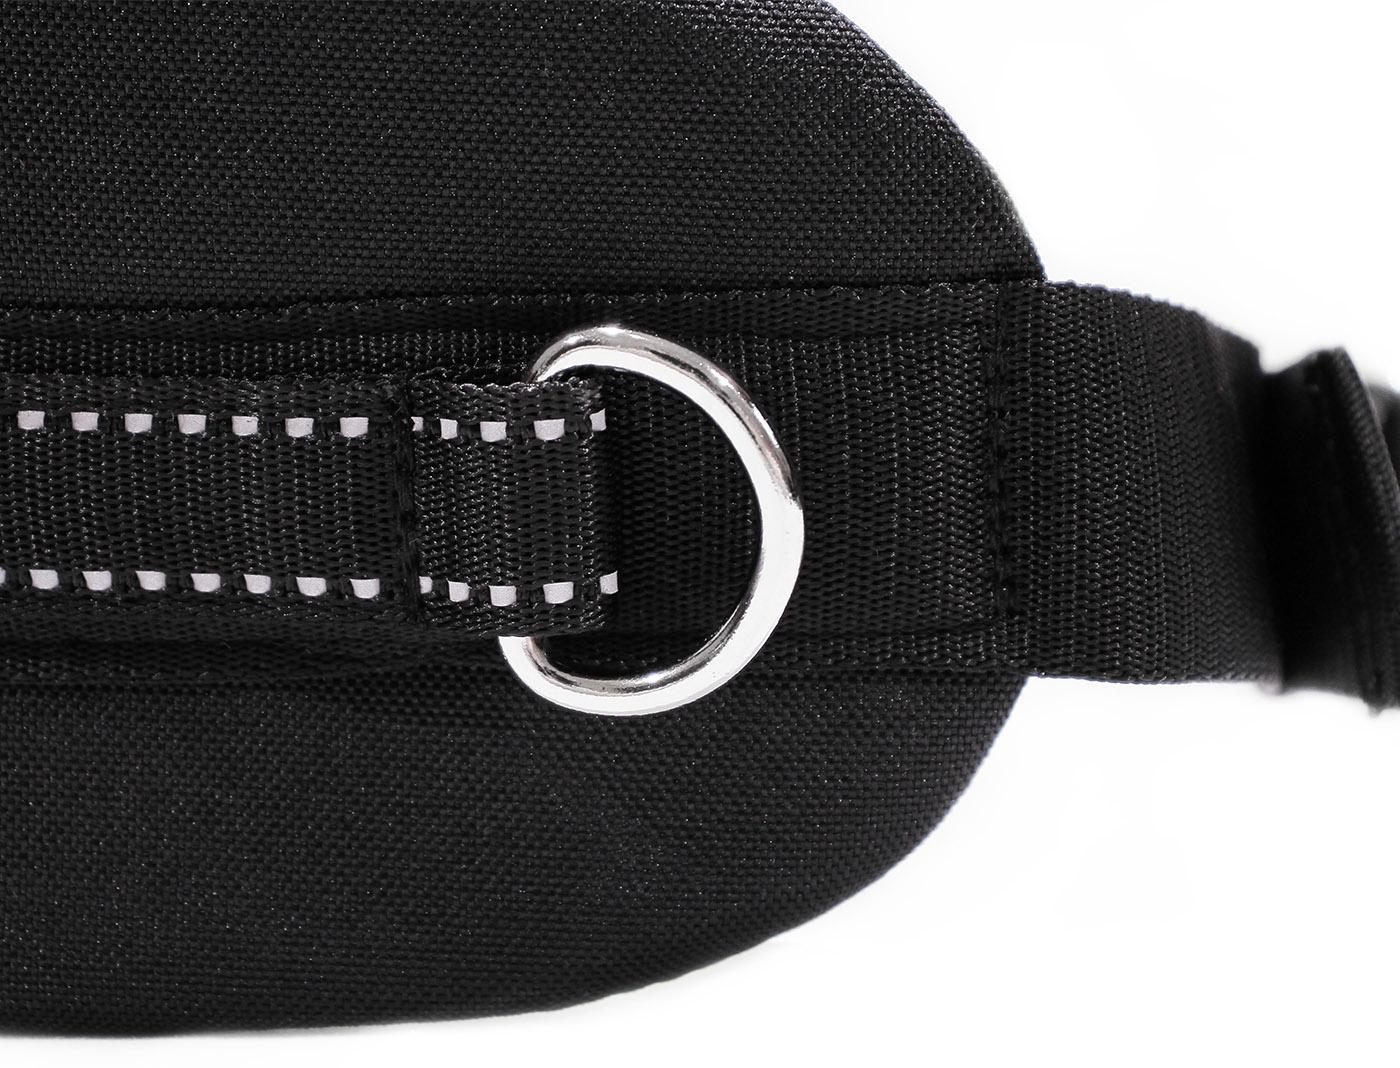 LasaLine Handsfree Dog Walking Running Jogging Waist Belt -  black neonpink